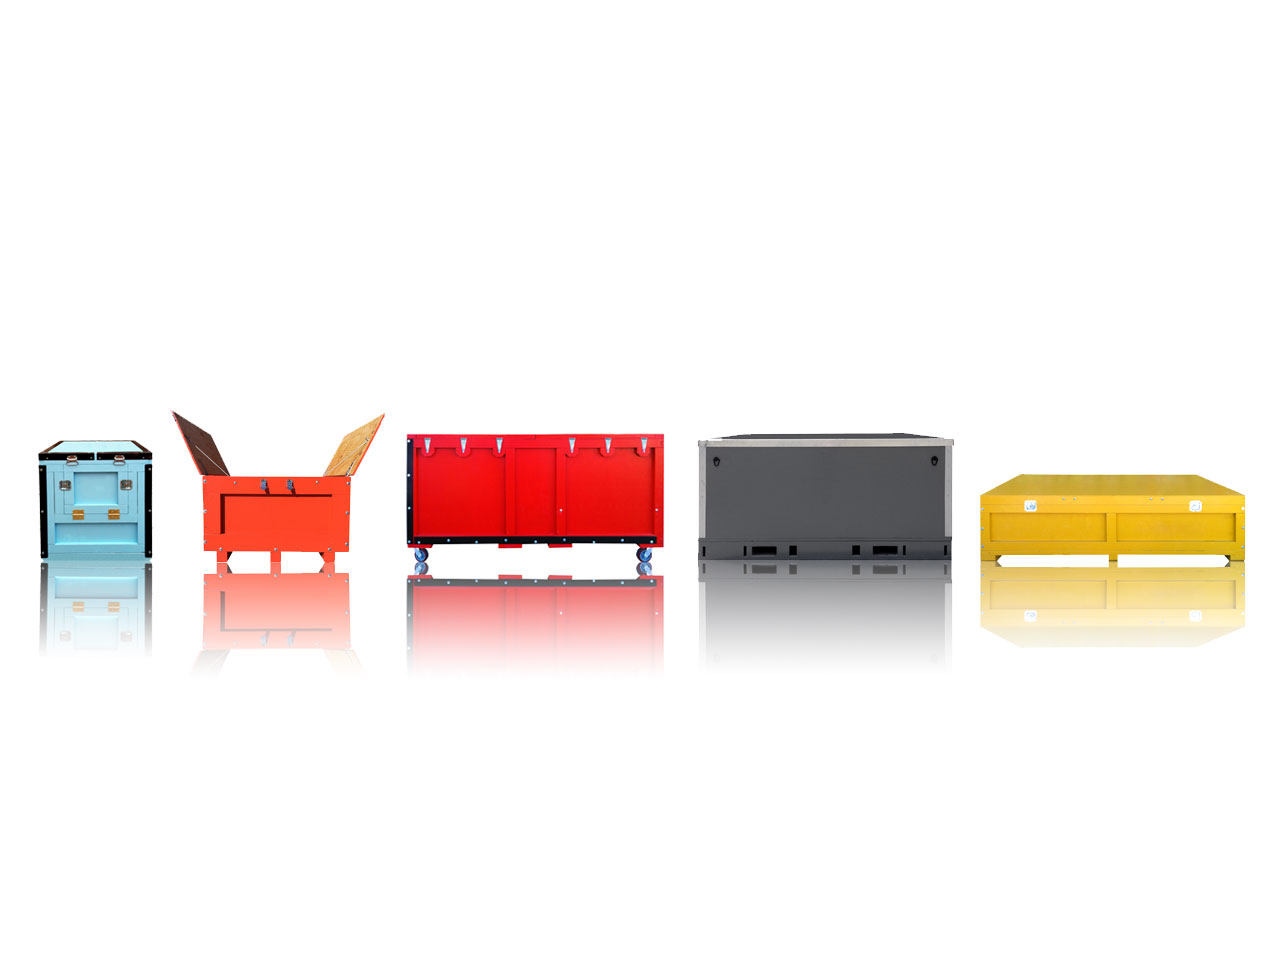 external packaging technology